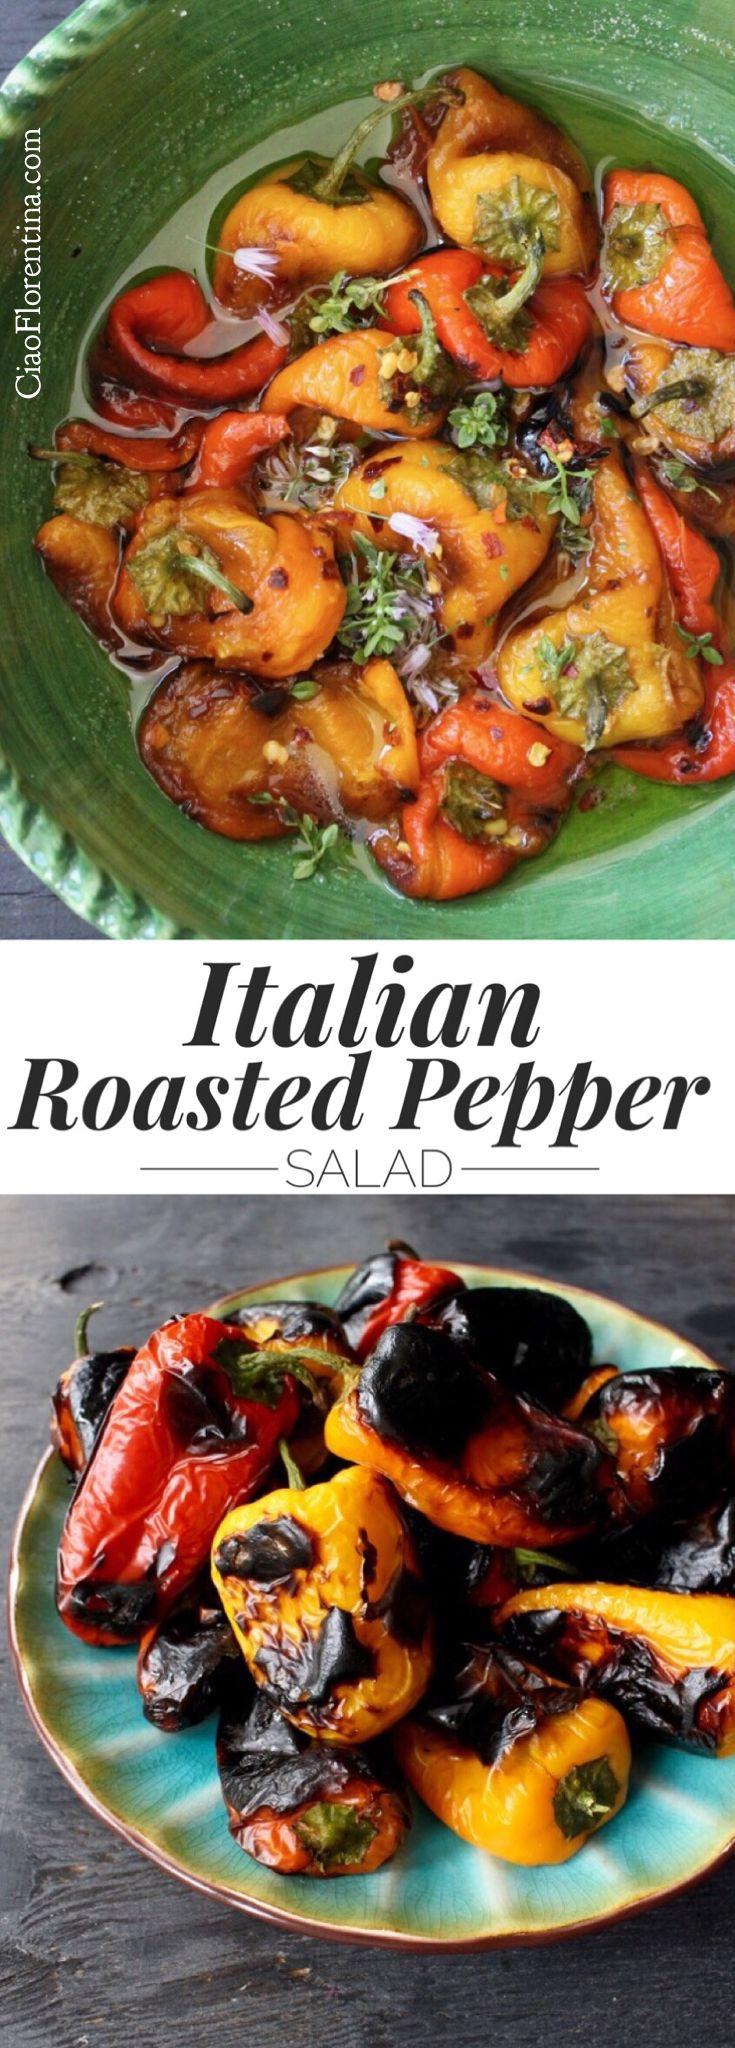 Italian Roasted Pepper Salad Recipe with Italian Dressing and Herbs | CiaoFlorentina.com @CiaoFlorentina